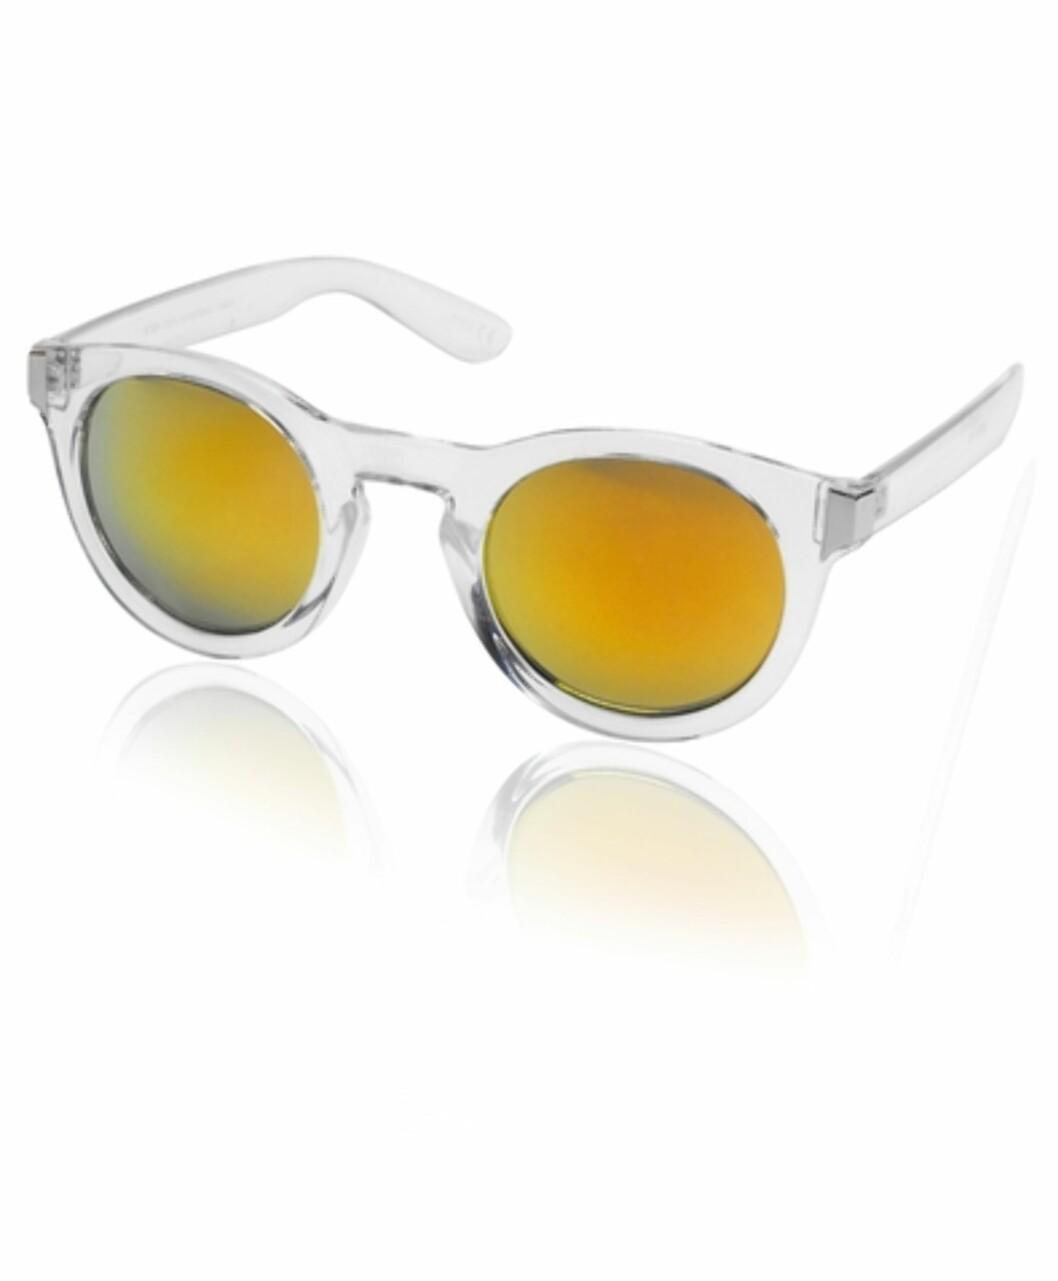 Solbriller fra Gina Tricot, 59 kr. Foto: Produsenten.